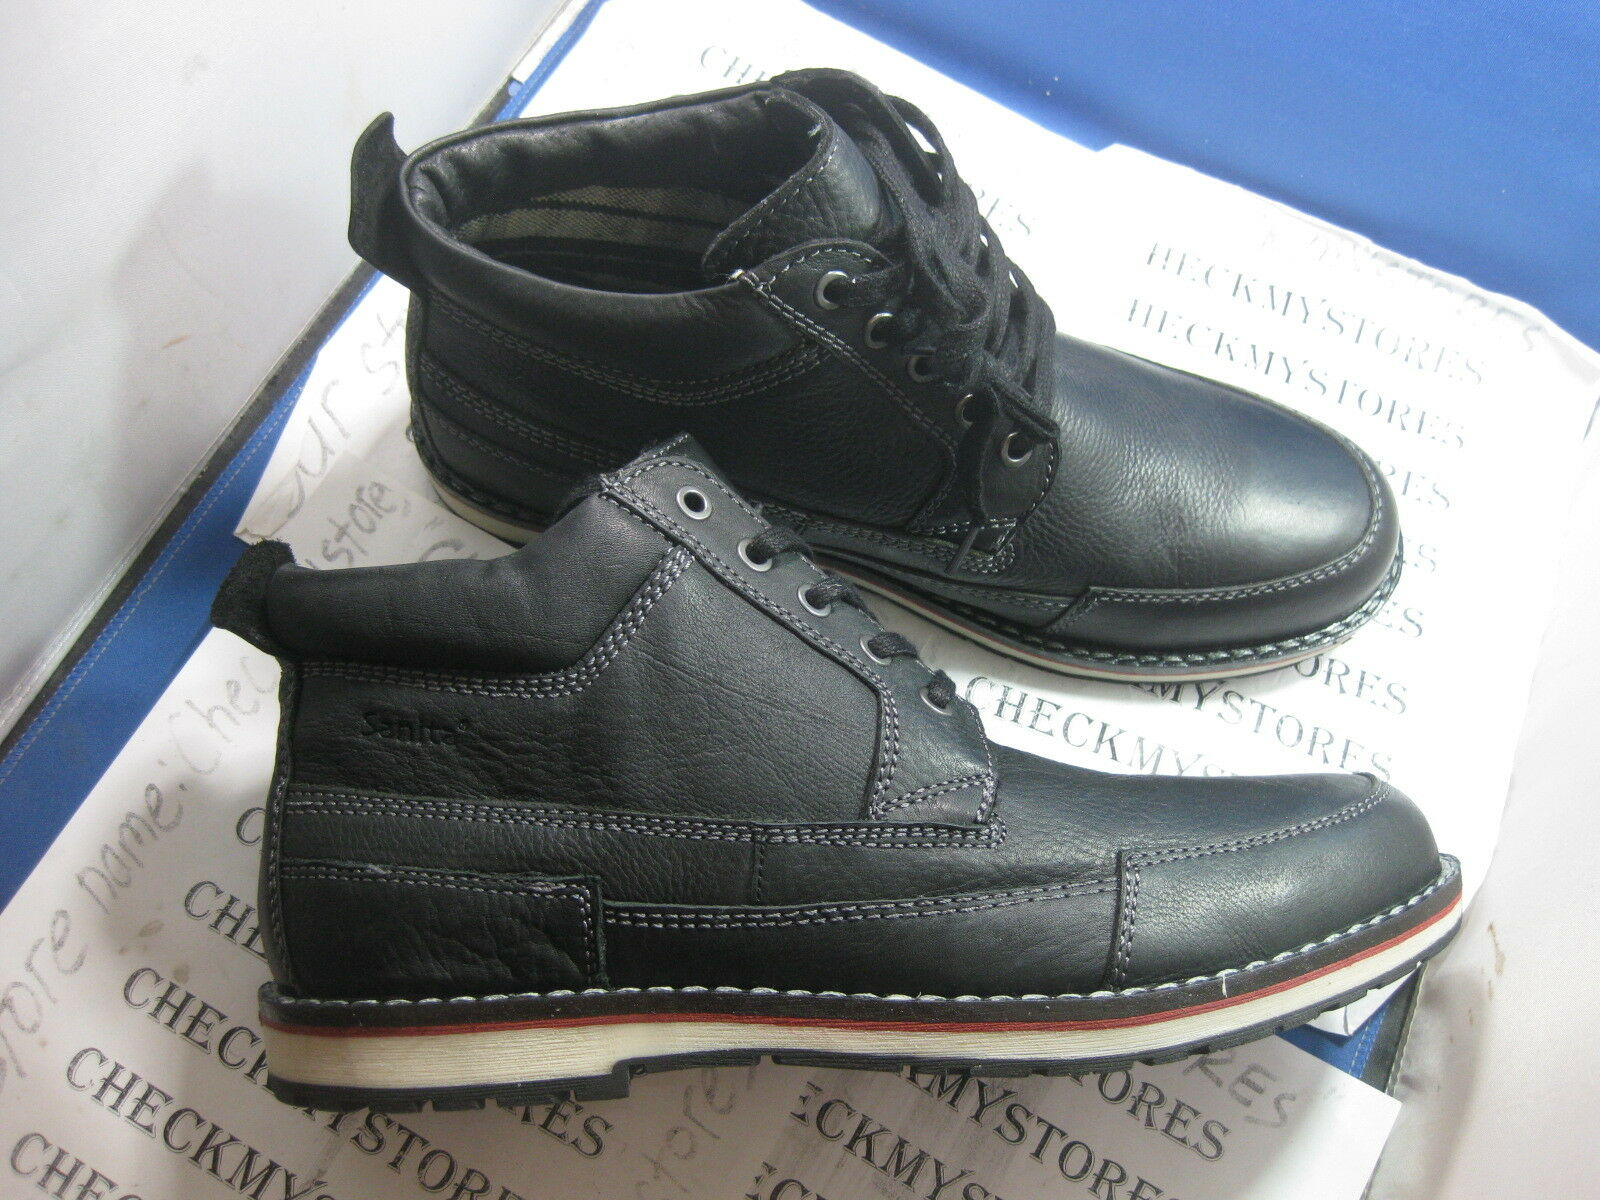 Nueva Nueva En Caja Sanita 461981 Premium Europea Zapato Maker Sanita botas De Cuero Hechos A Mano